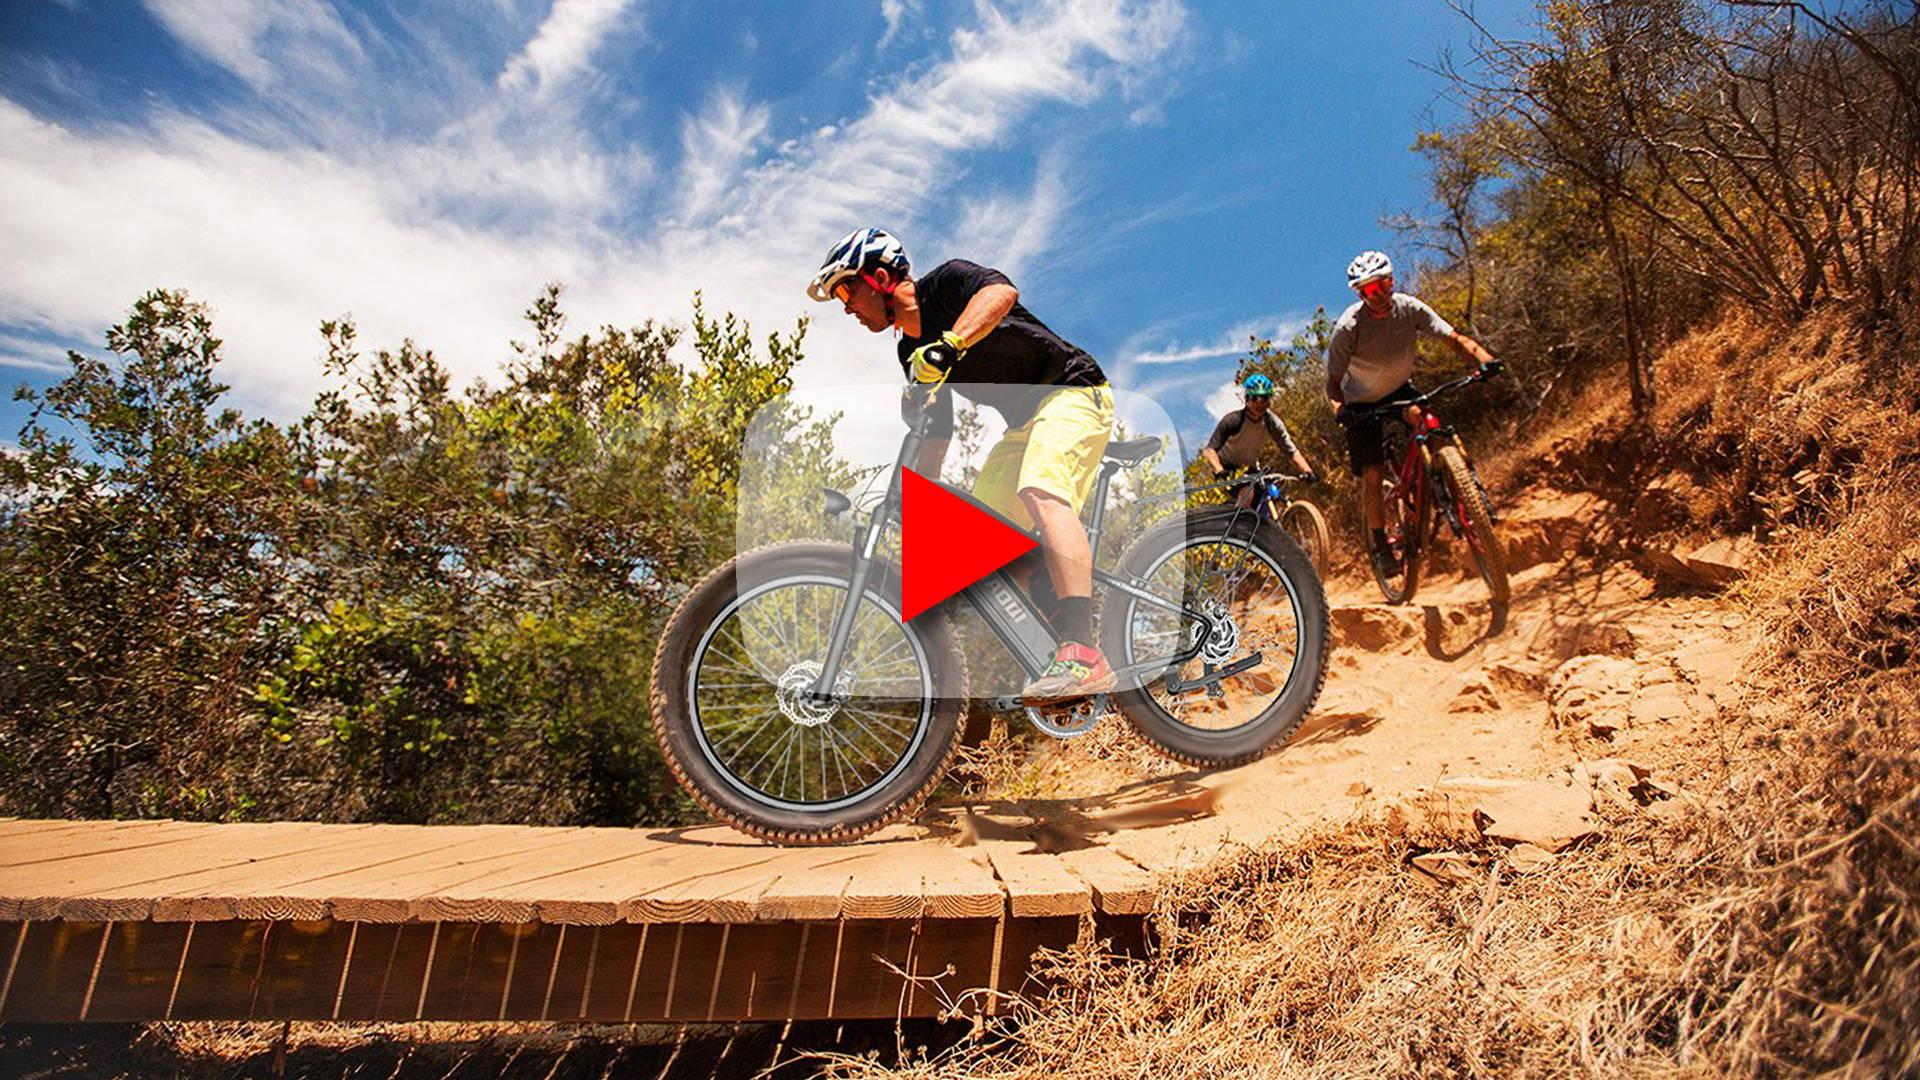 HAOQI All Terrain Electric Fat Bikes | Biking Touring